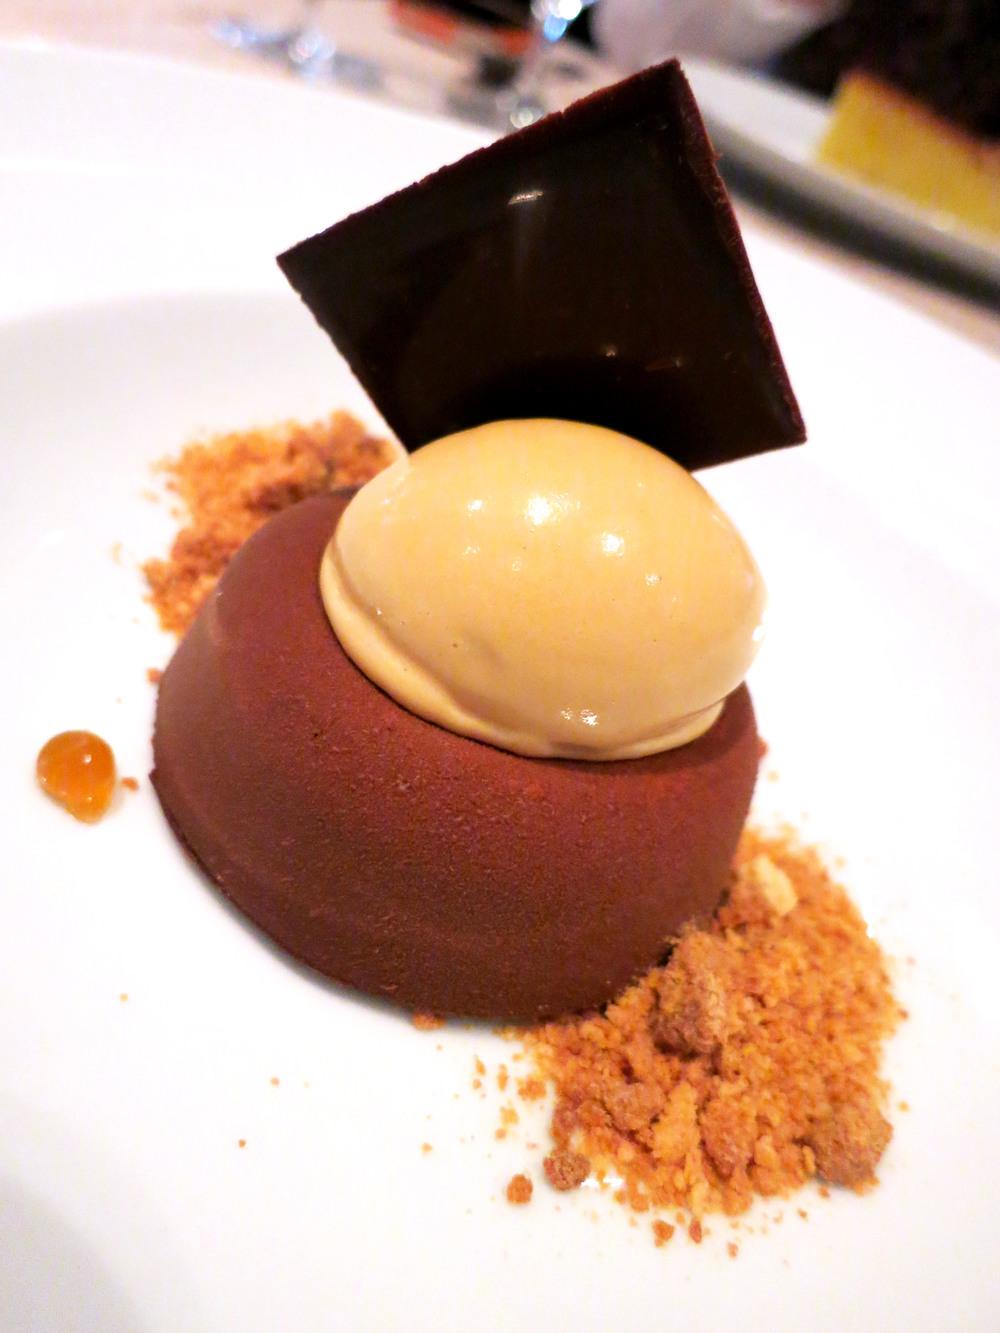 Budino di CioccolatoDark Chocolate Cremeux, Amaretti, Caramel Gelato